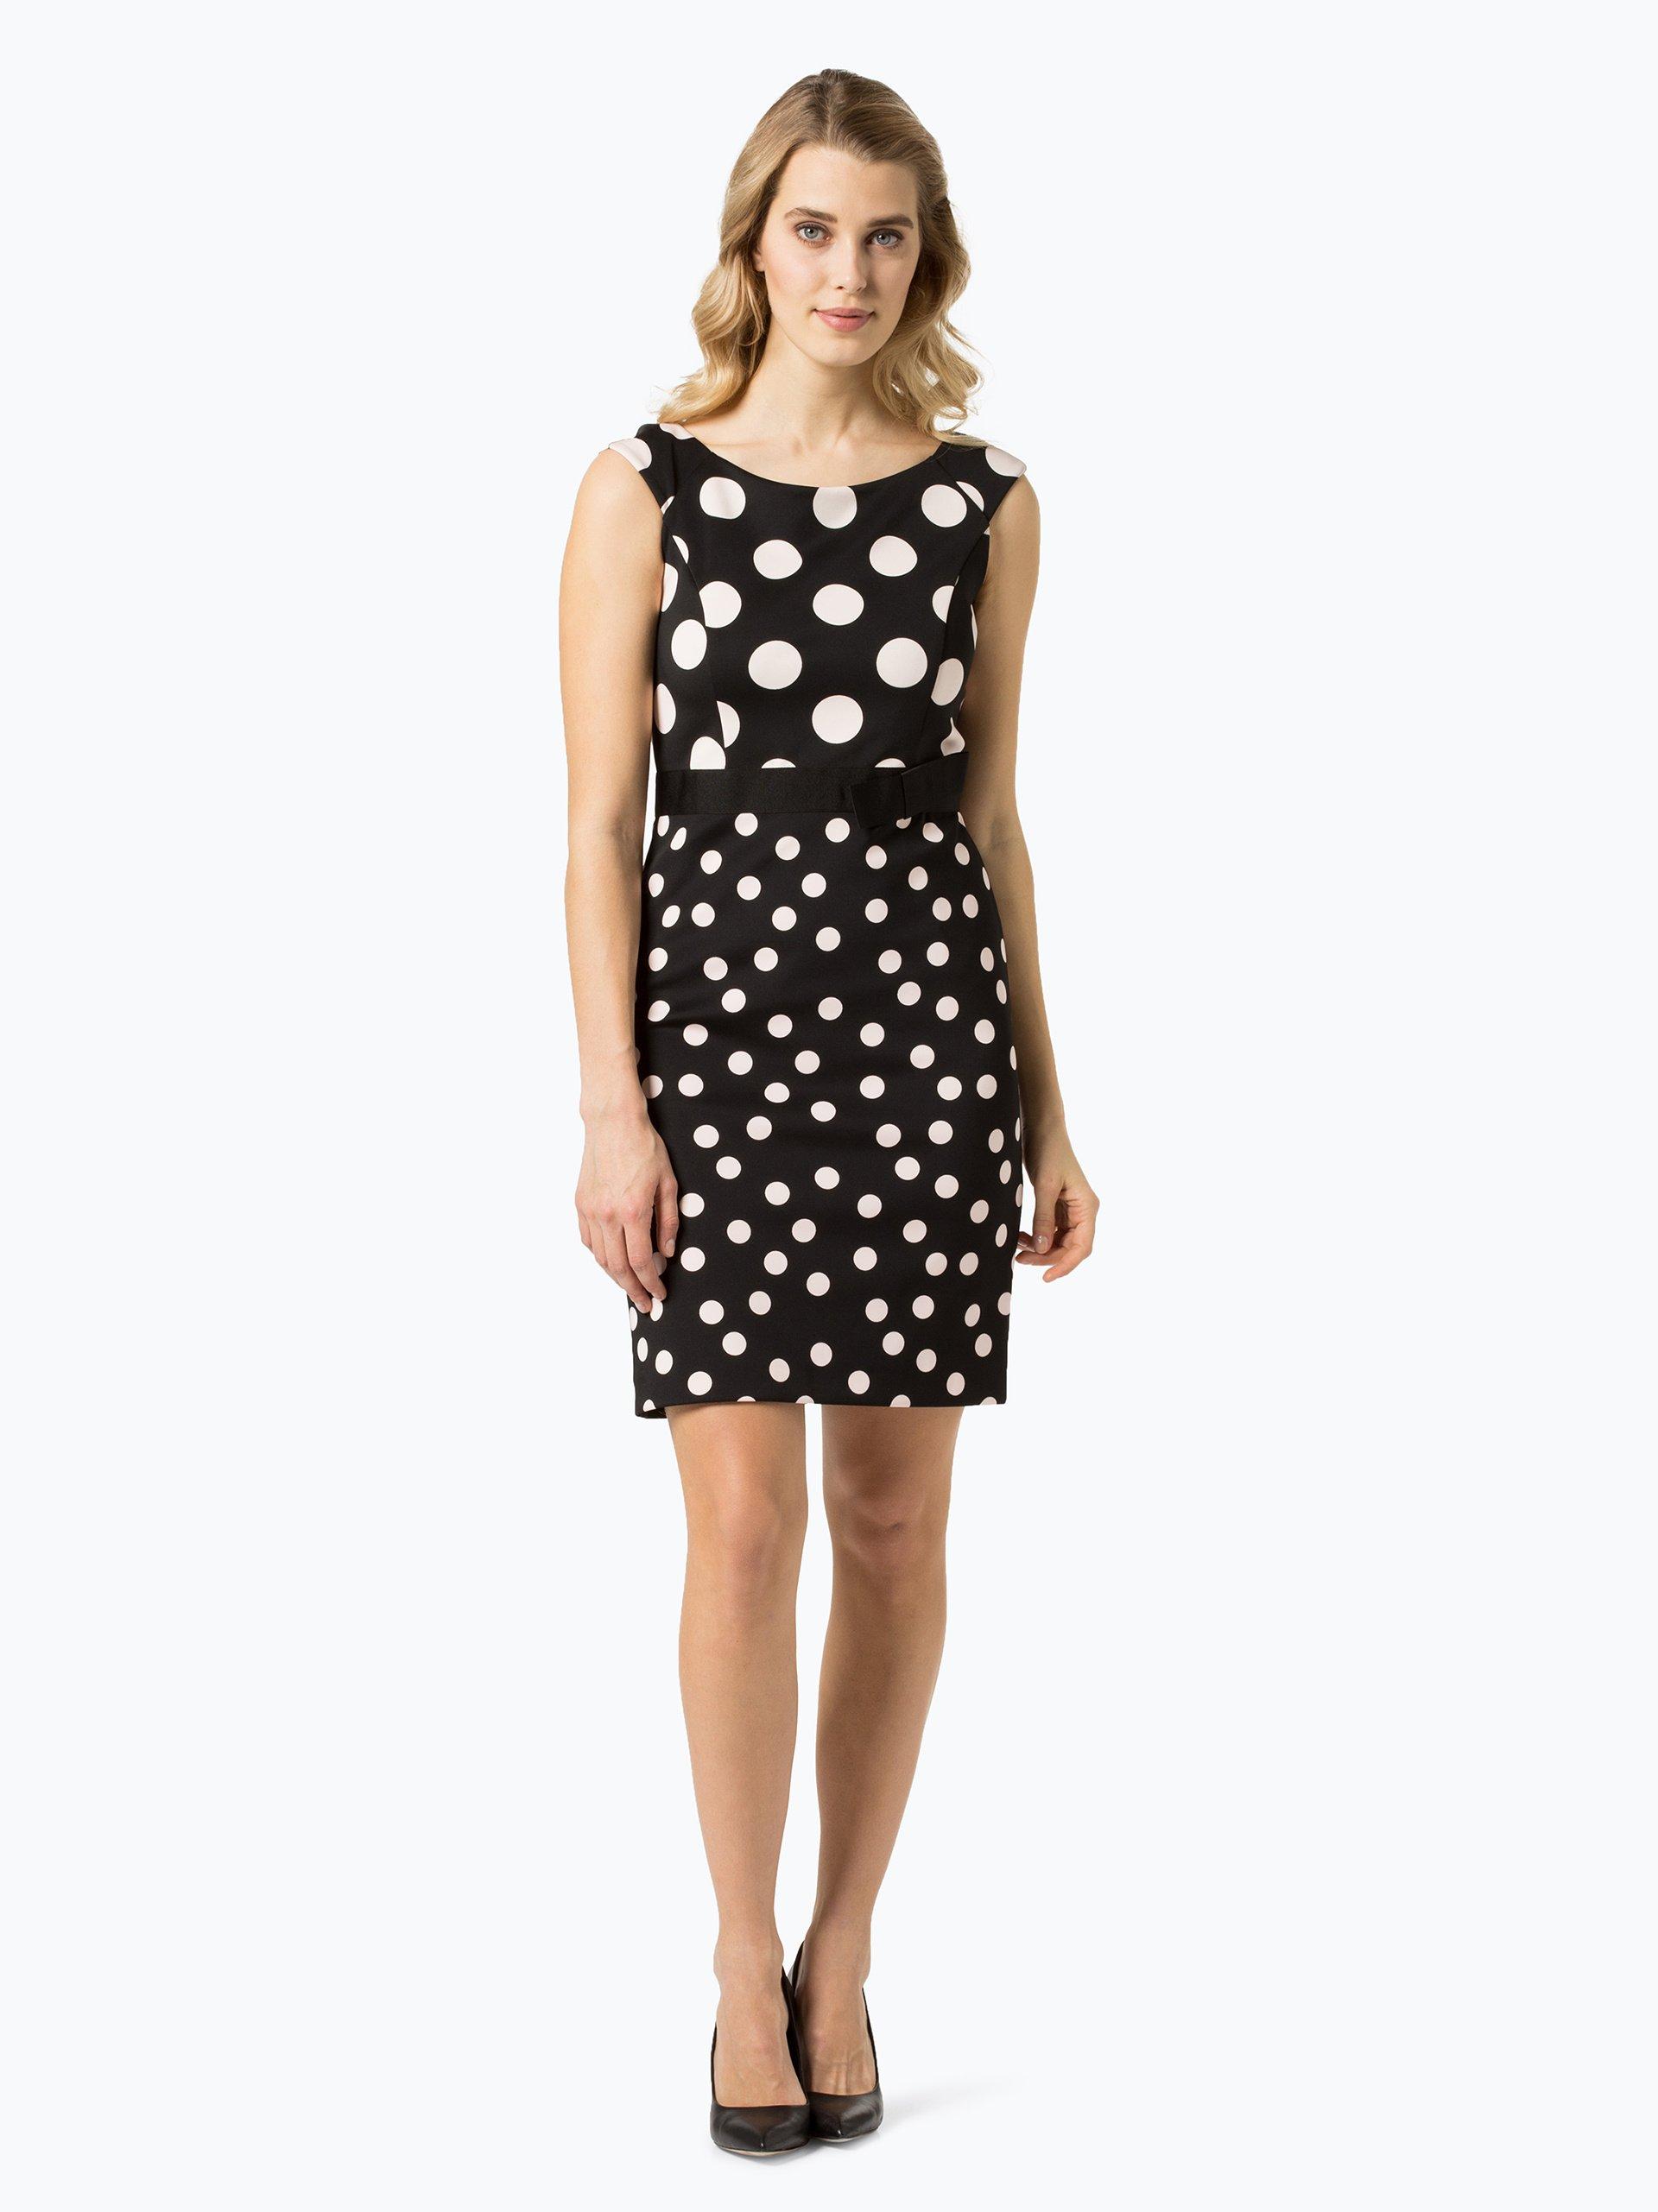 s oliver black label damen kleid schwarz rosa gepunktet online kaufen peek und cloppenburg de. Black Bedroom Furniture Sets. Home Design Ideas